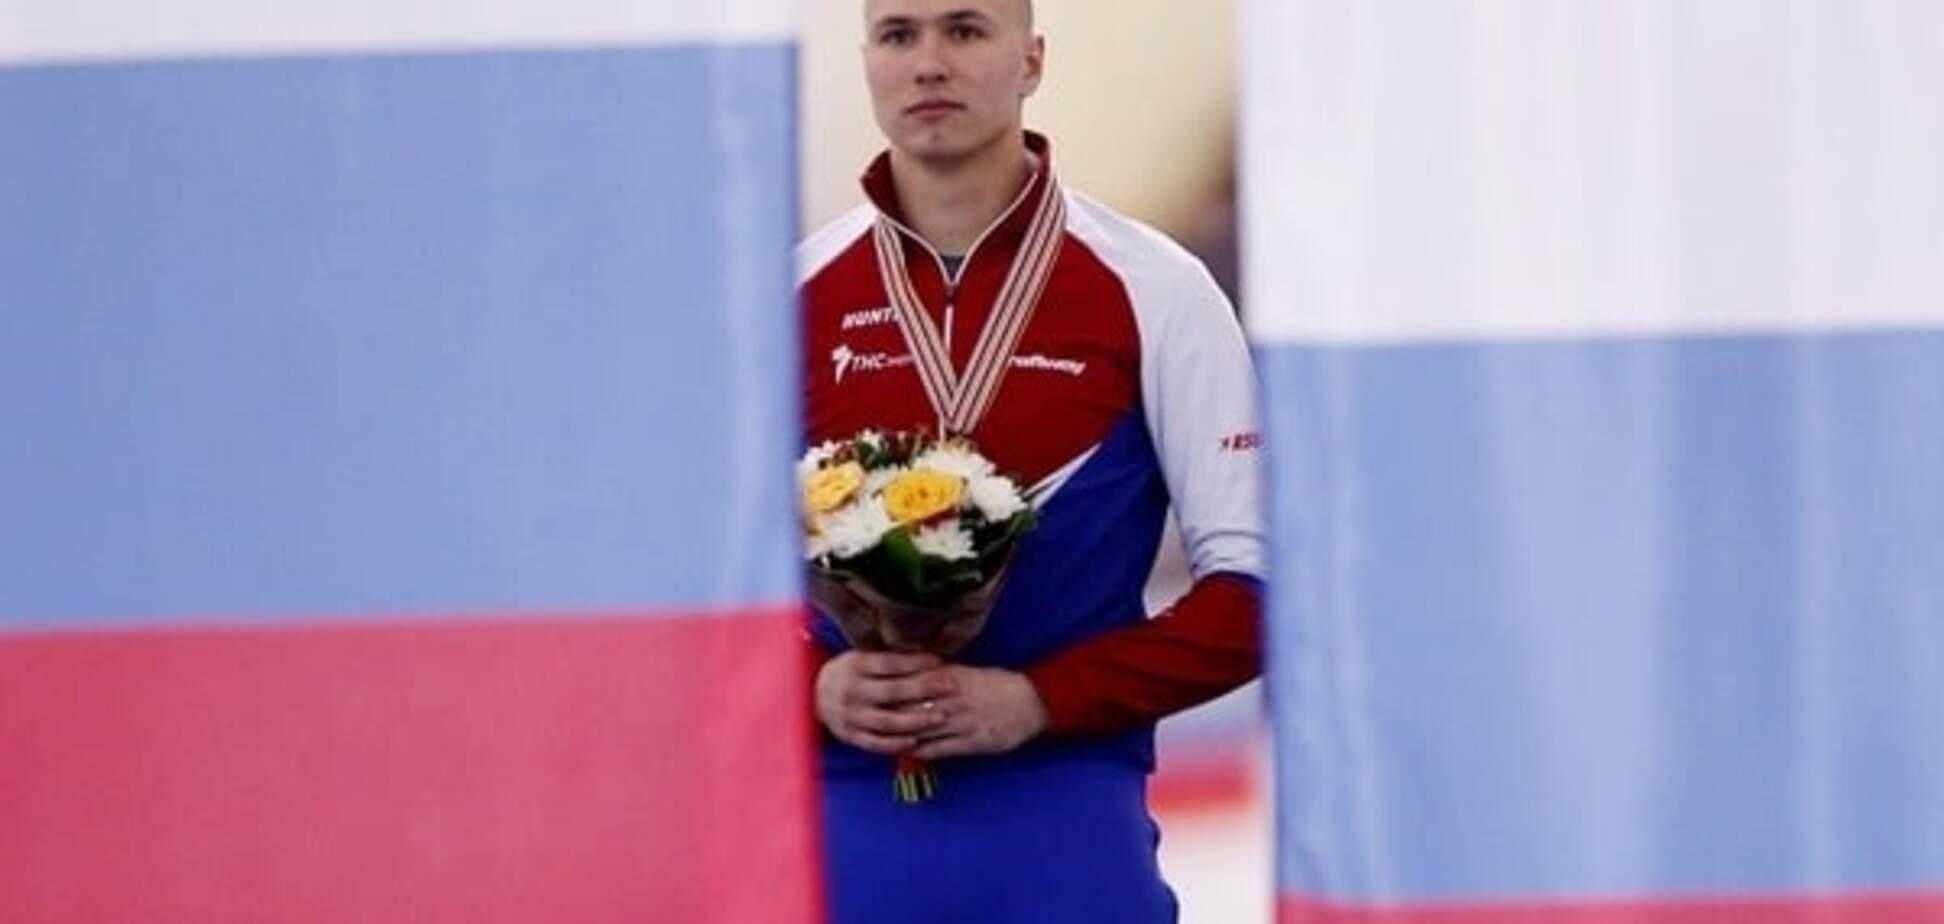 'Раздули'. Российский конькобежец красиво пристыдил кремлевские СМИ за ситуацию с гимном США